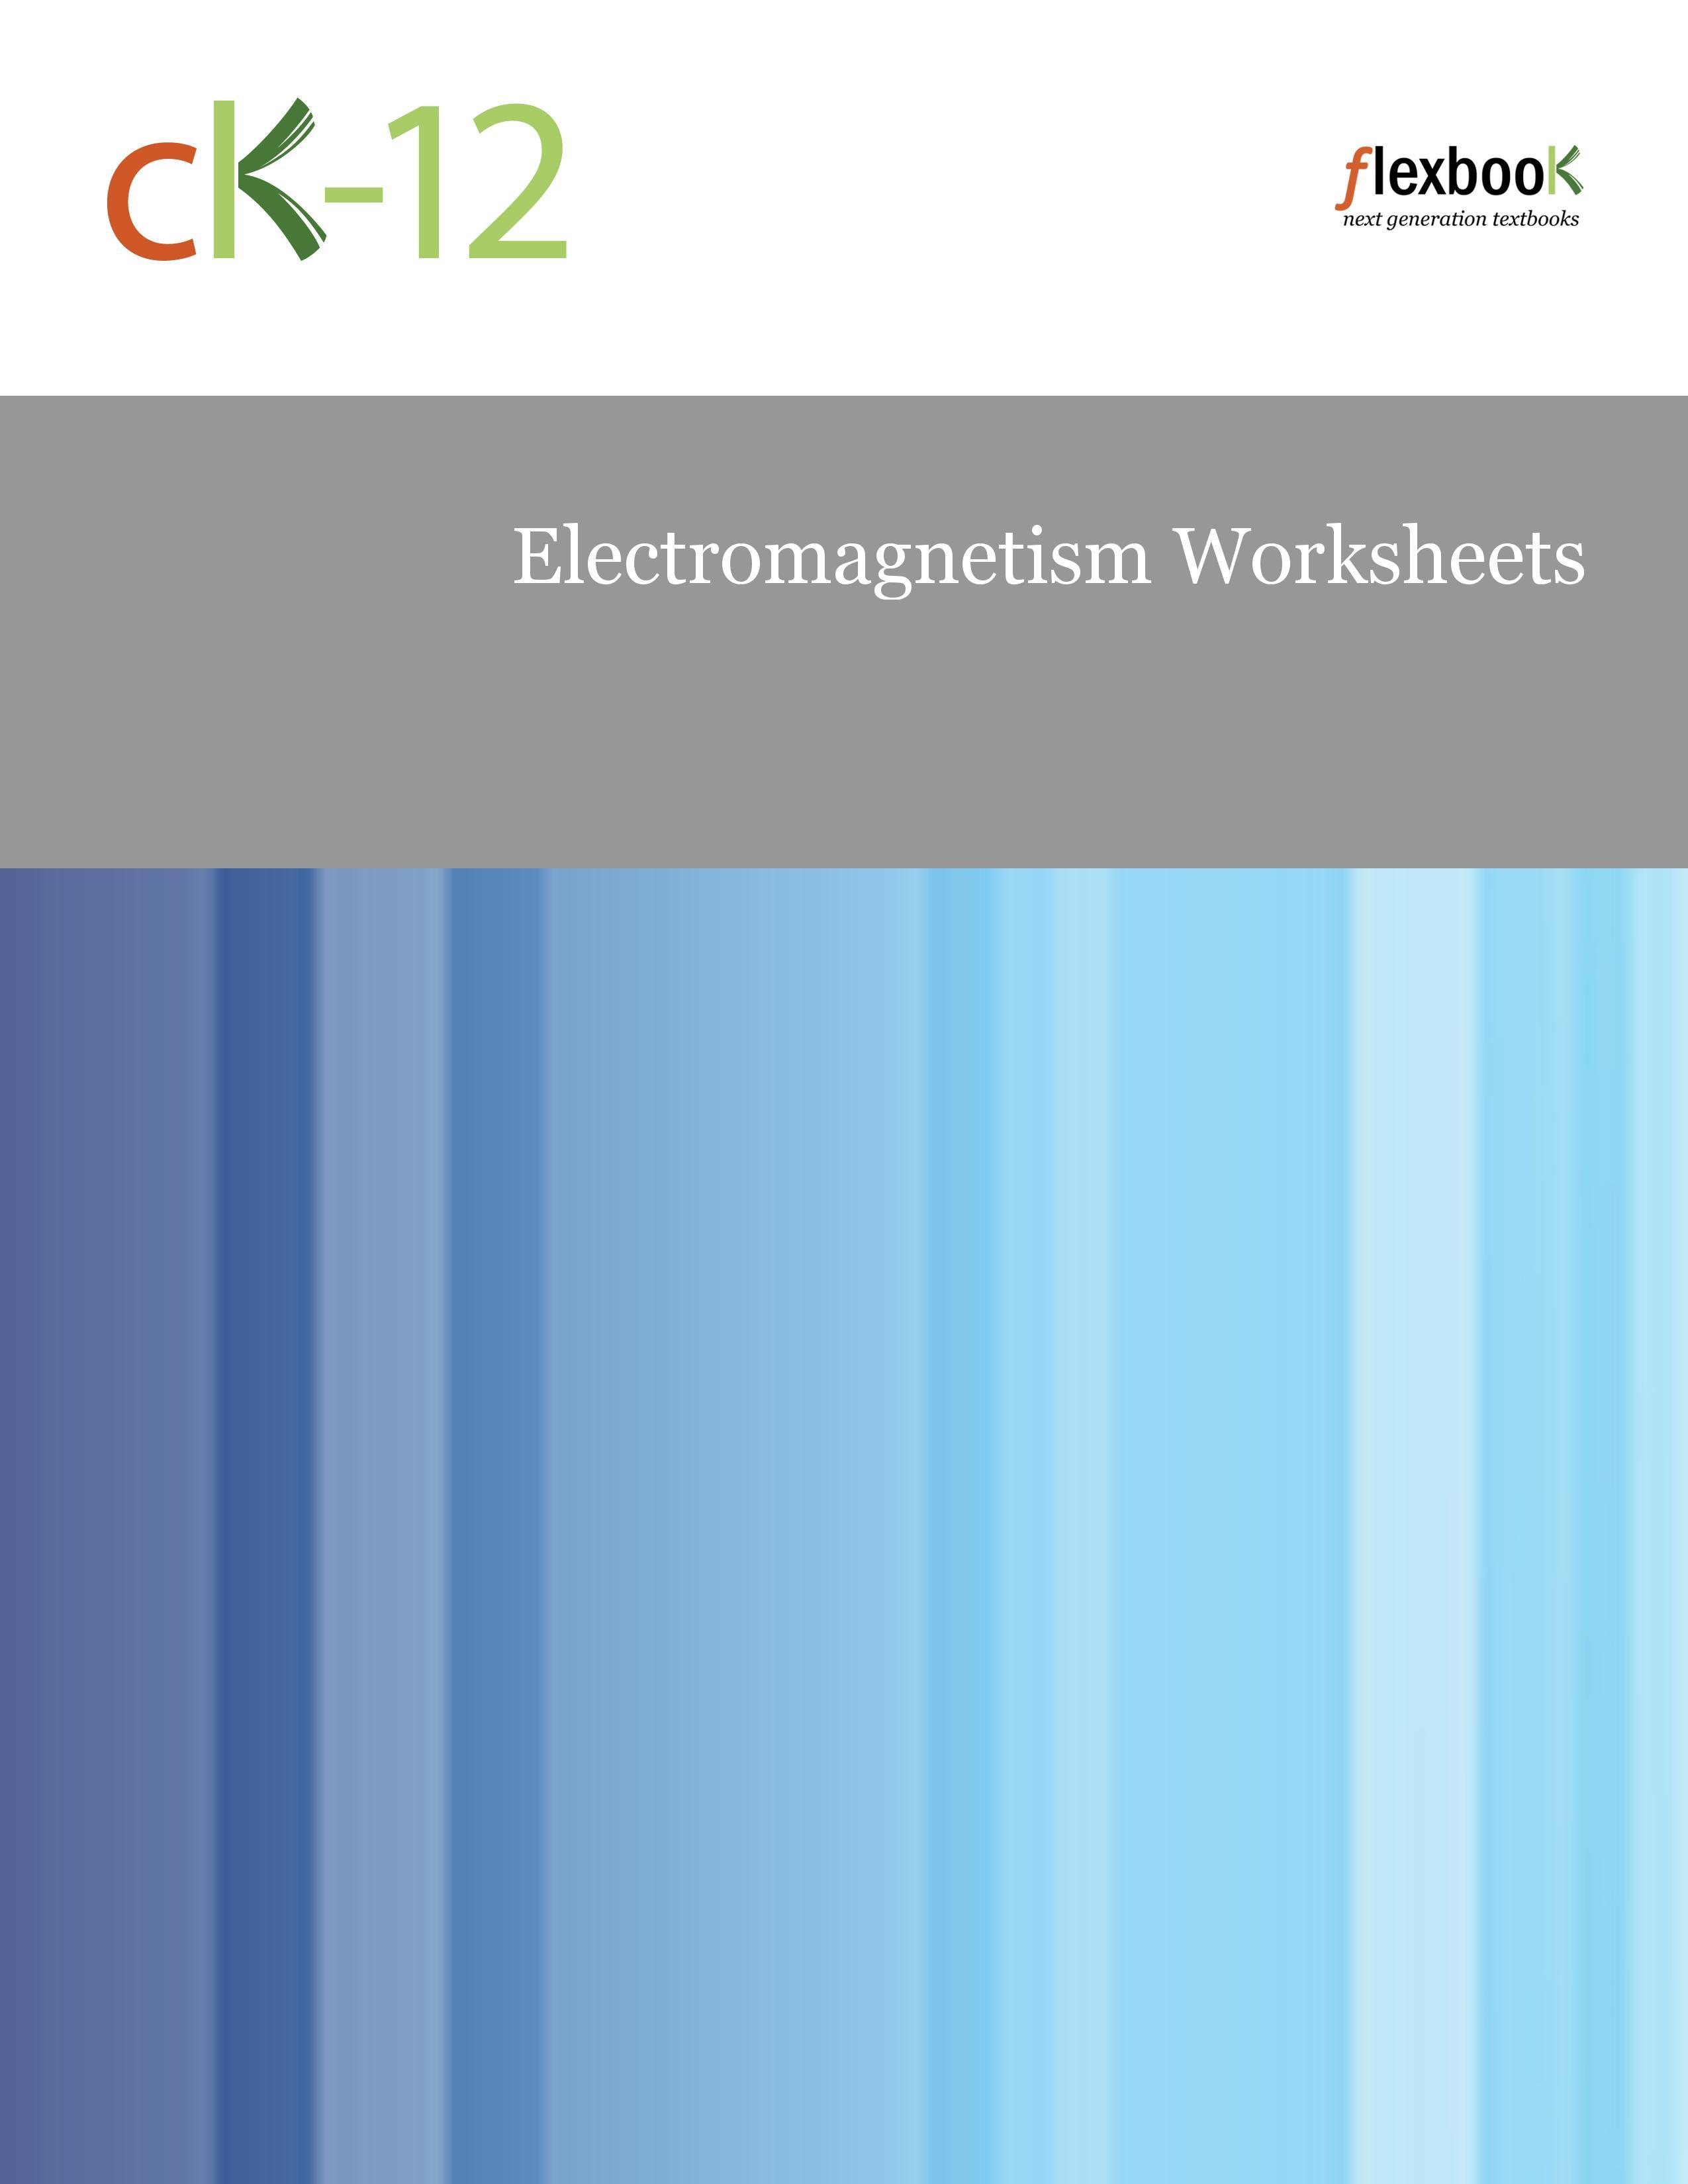 Electromagnetism Worksheets – Electromagnetism Worksheet